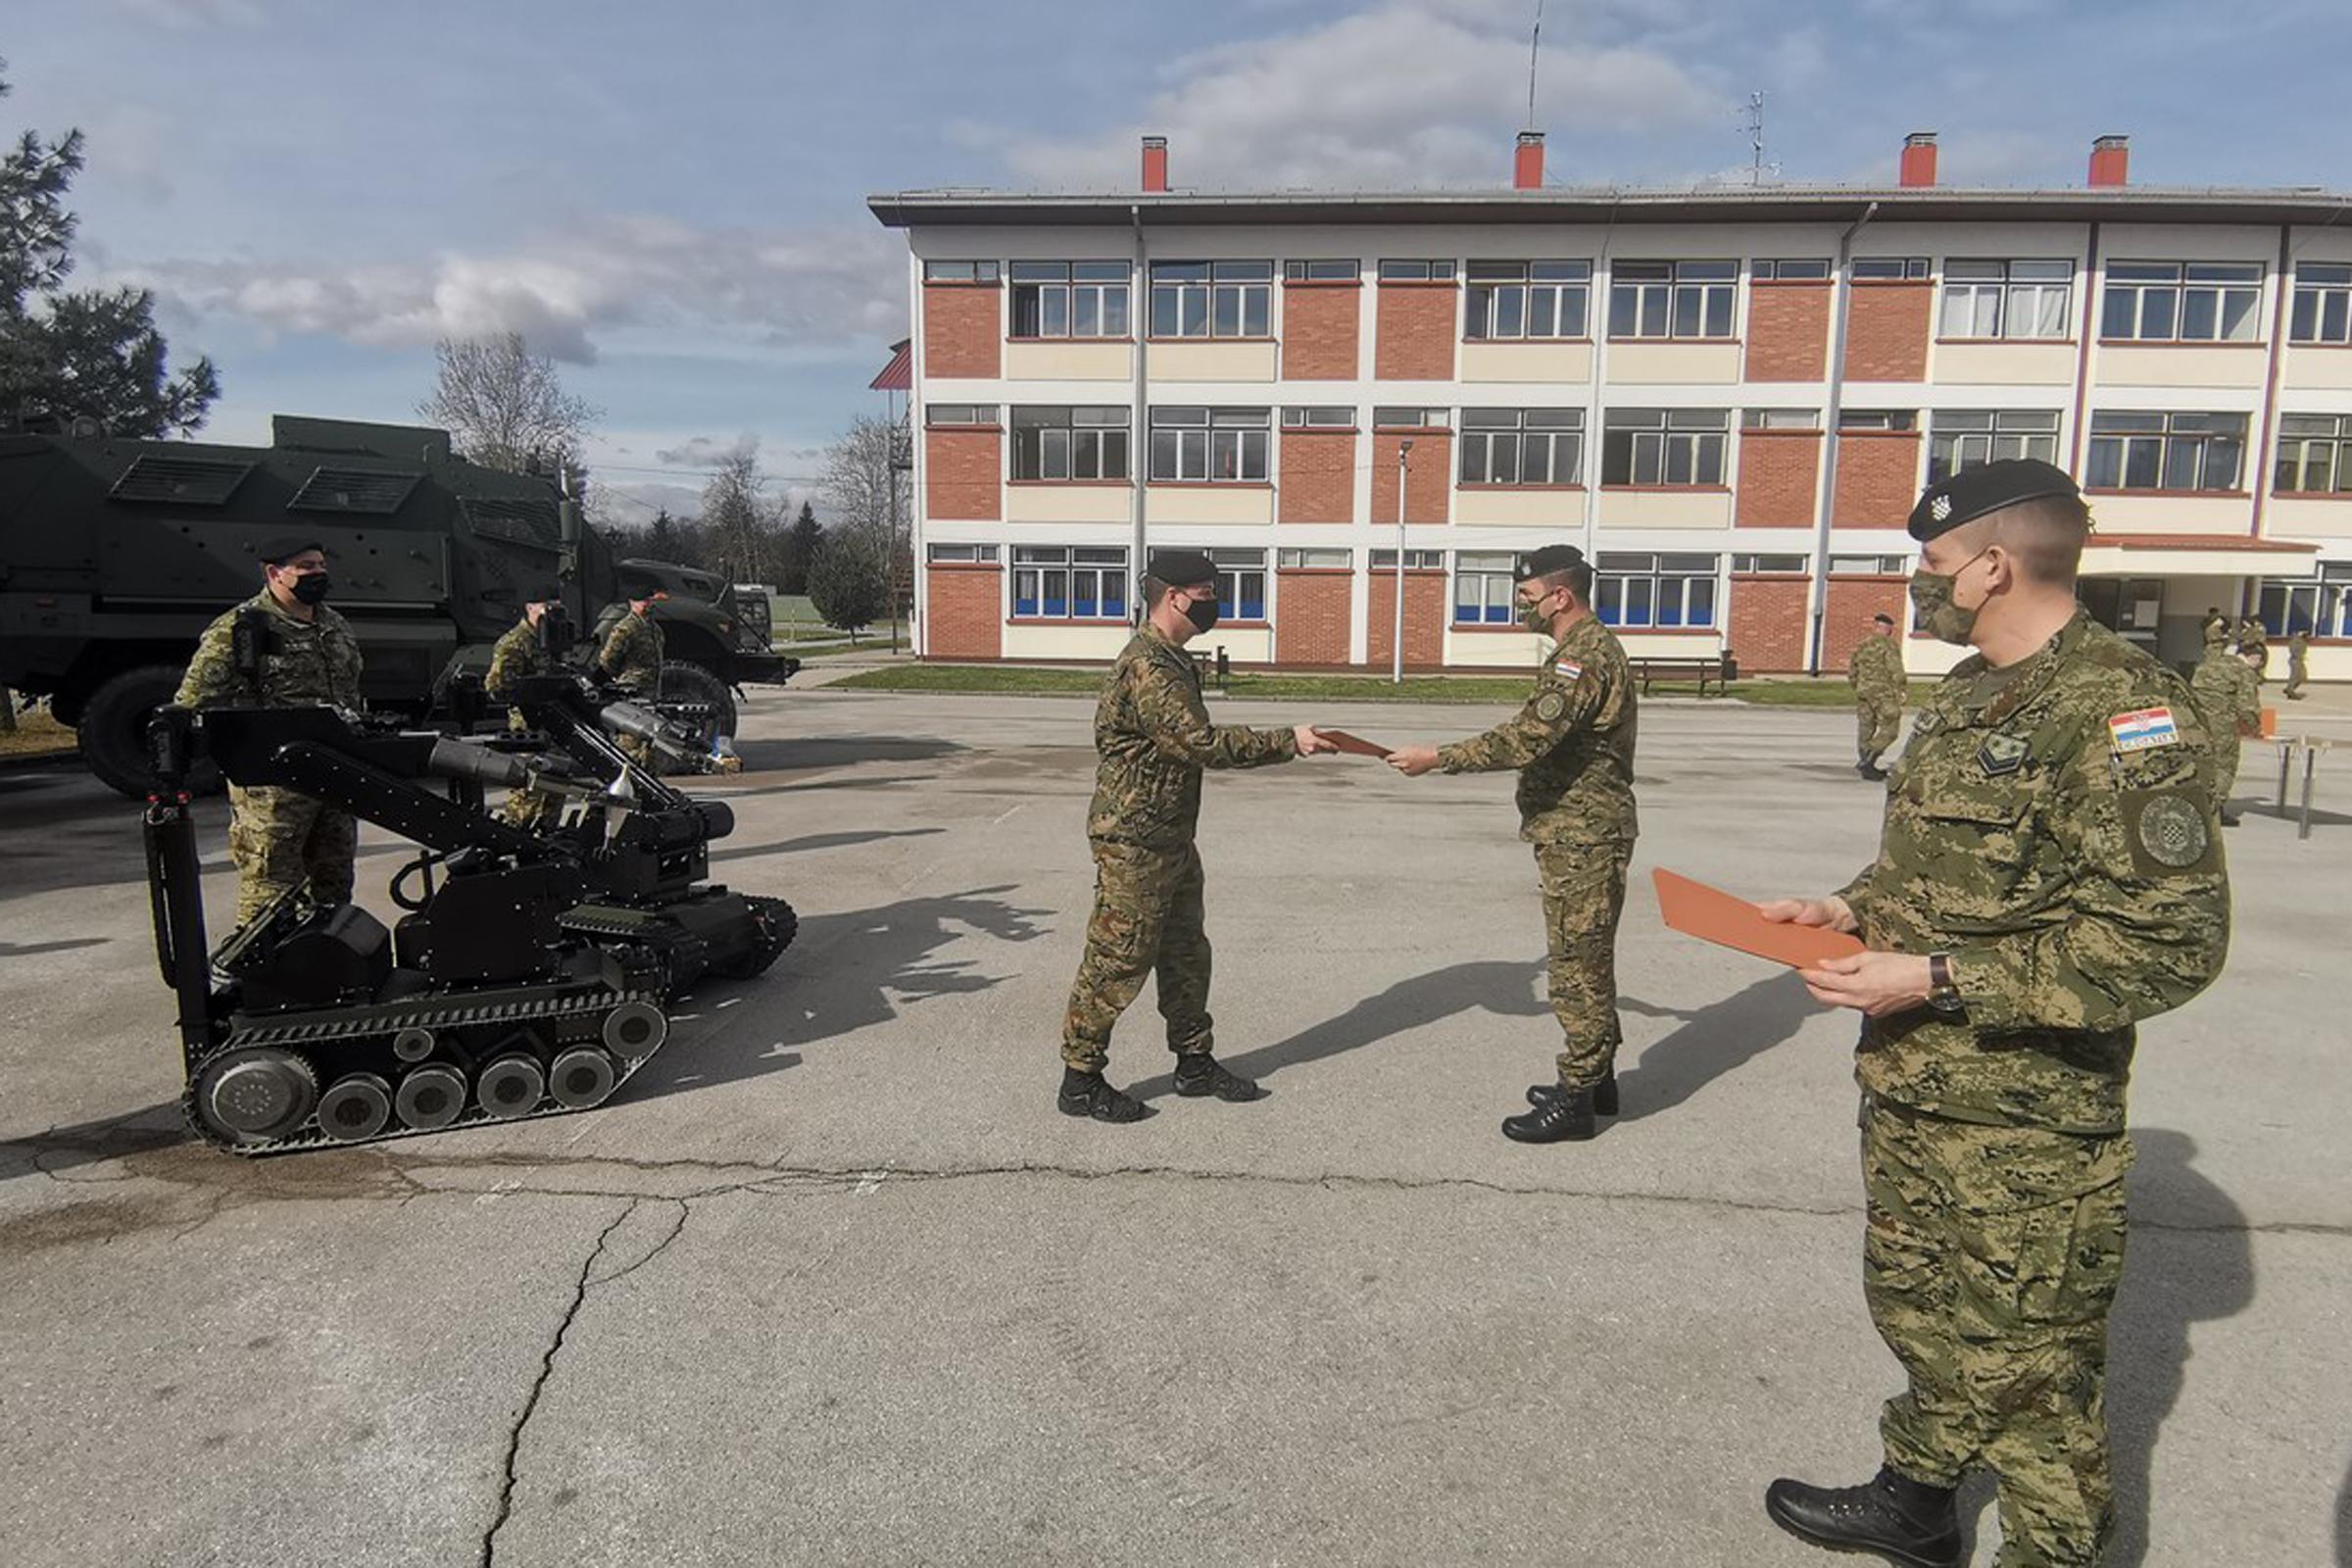 Završena obuka za rukovatelja robotom za protueksplozijsku zaštitu u Inženjerijskoj pukovniji